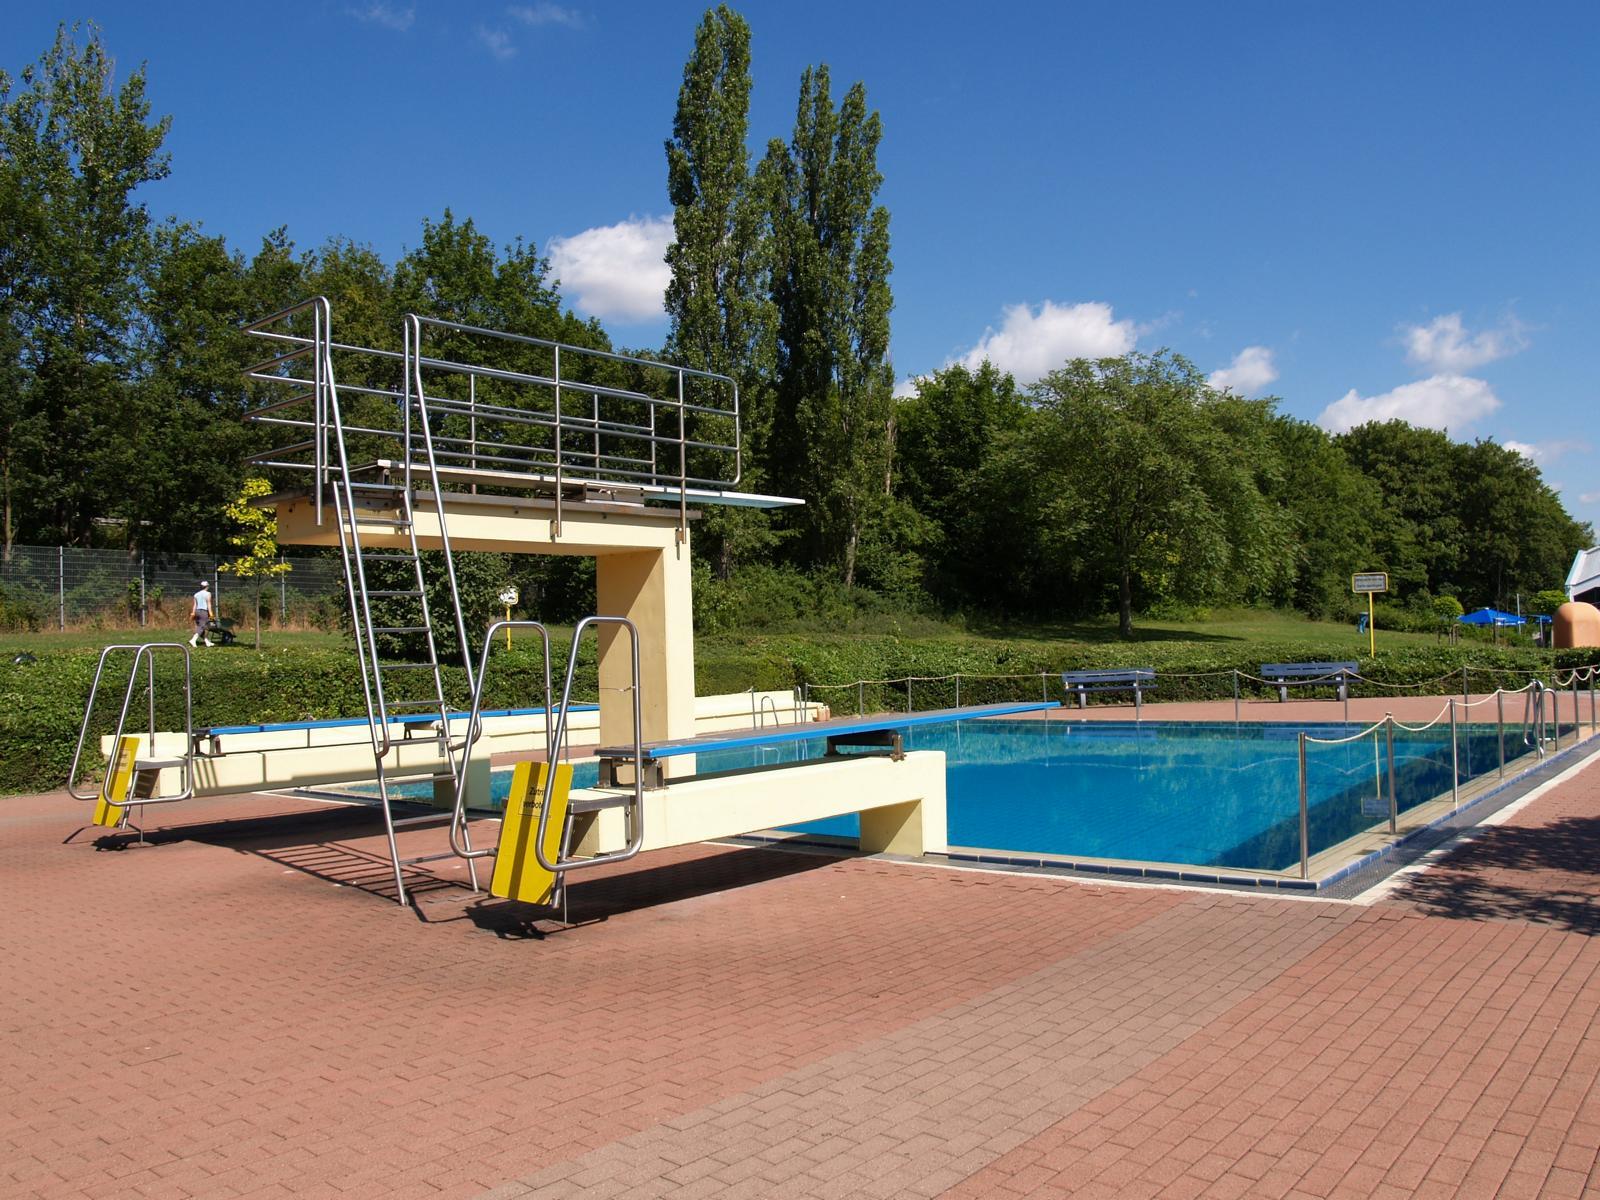 öffnungszeiten Schwimmbad Nieder Olm